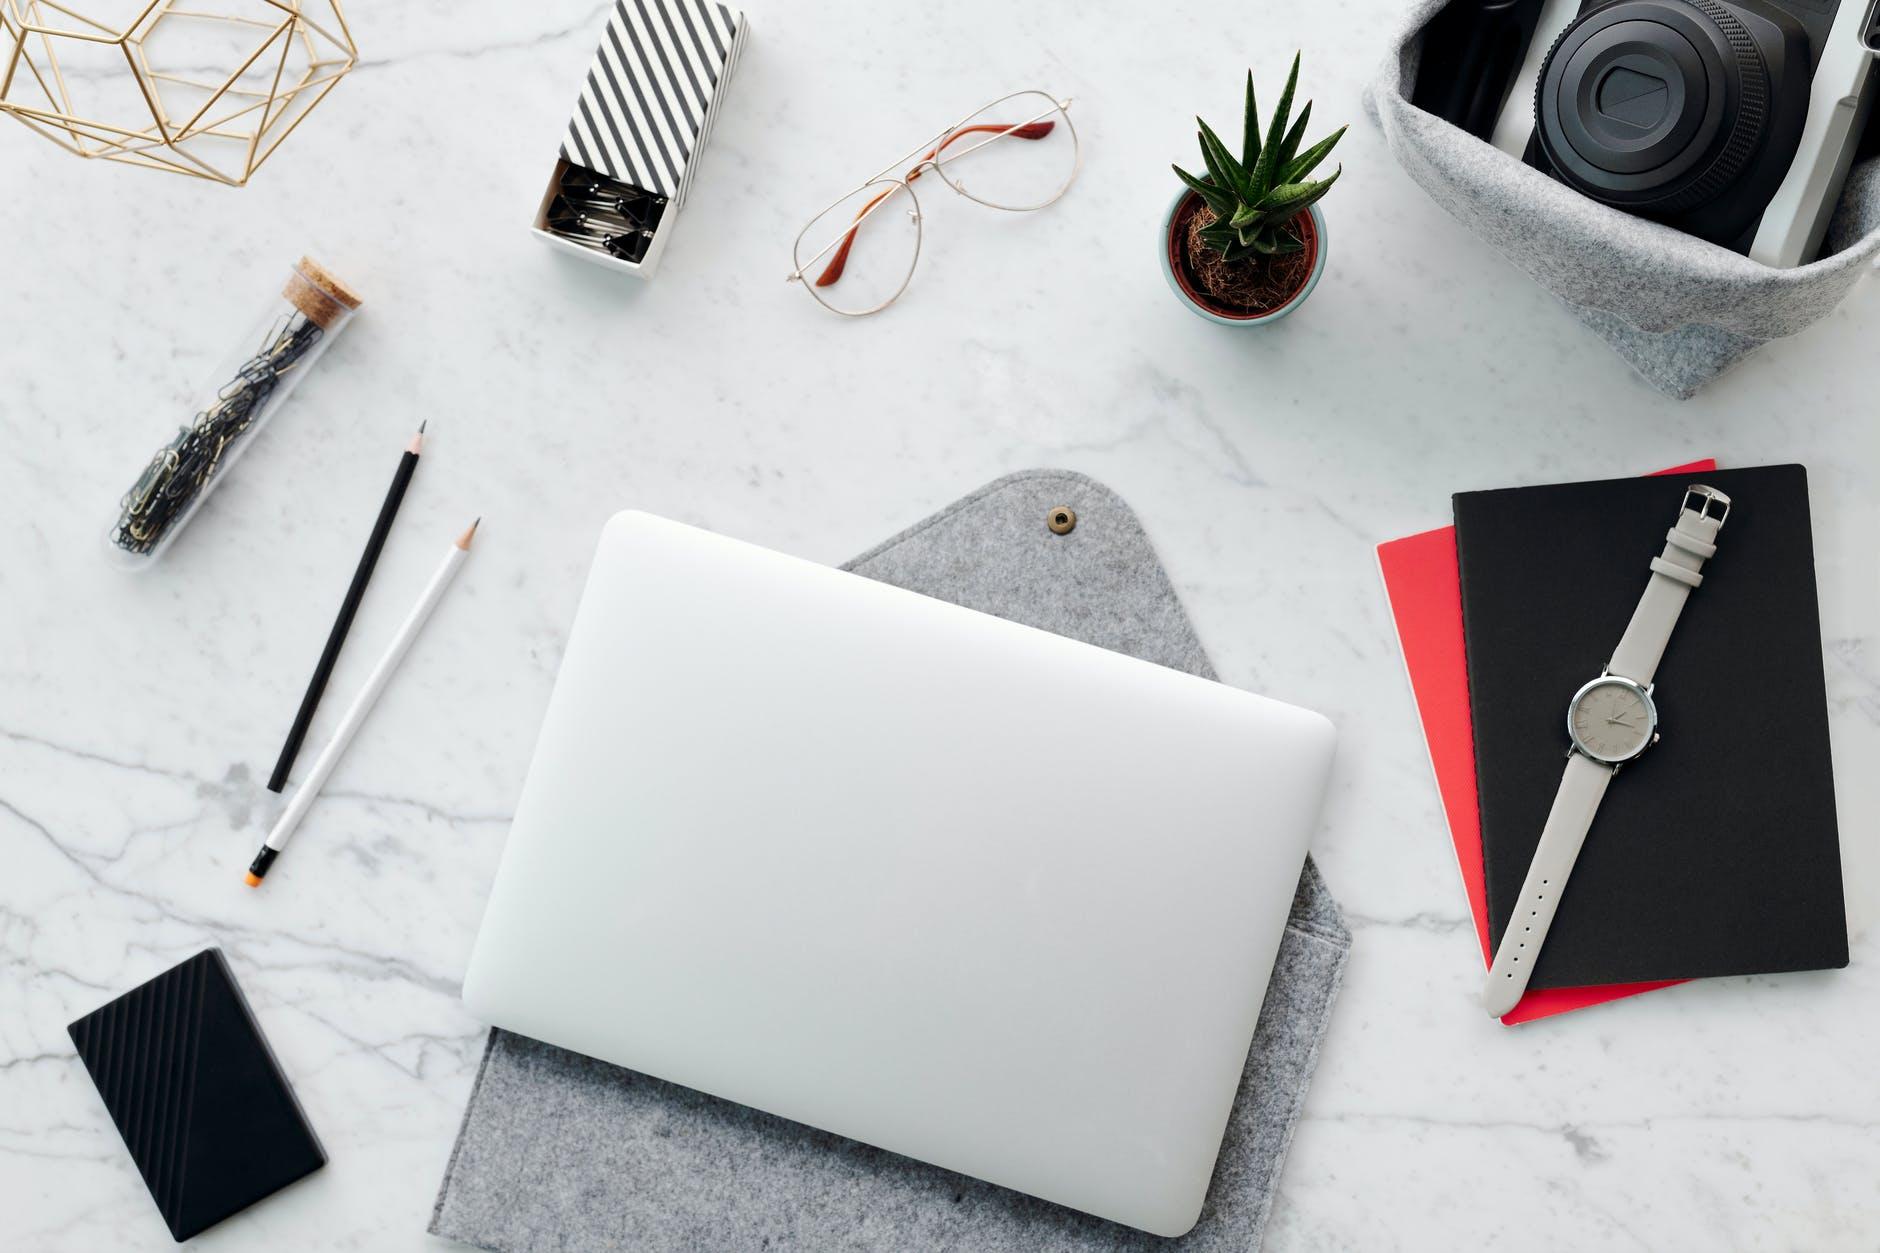 wood art laptop notebook